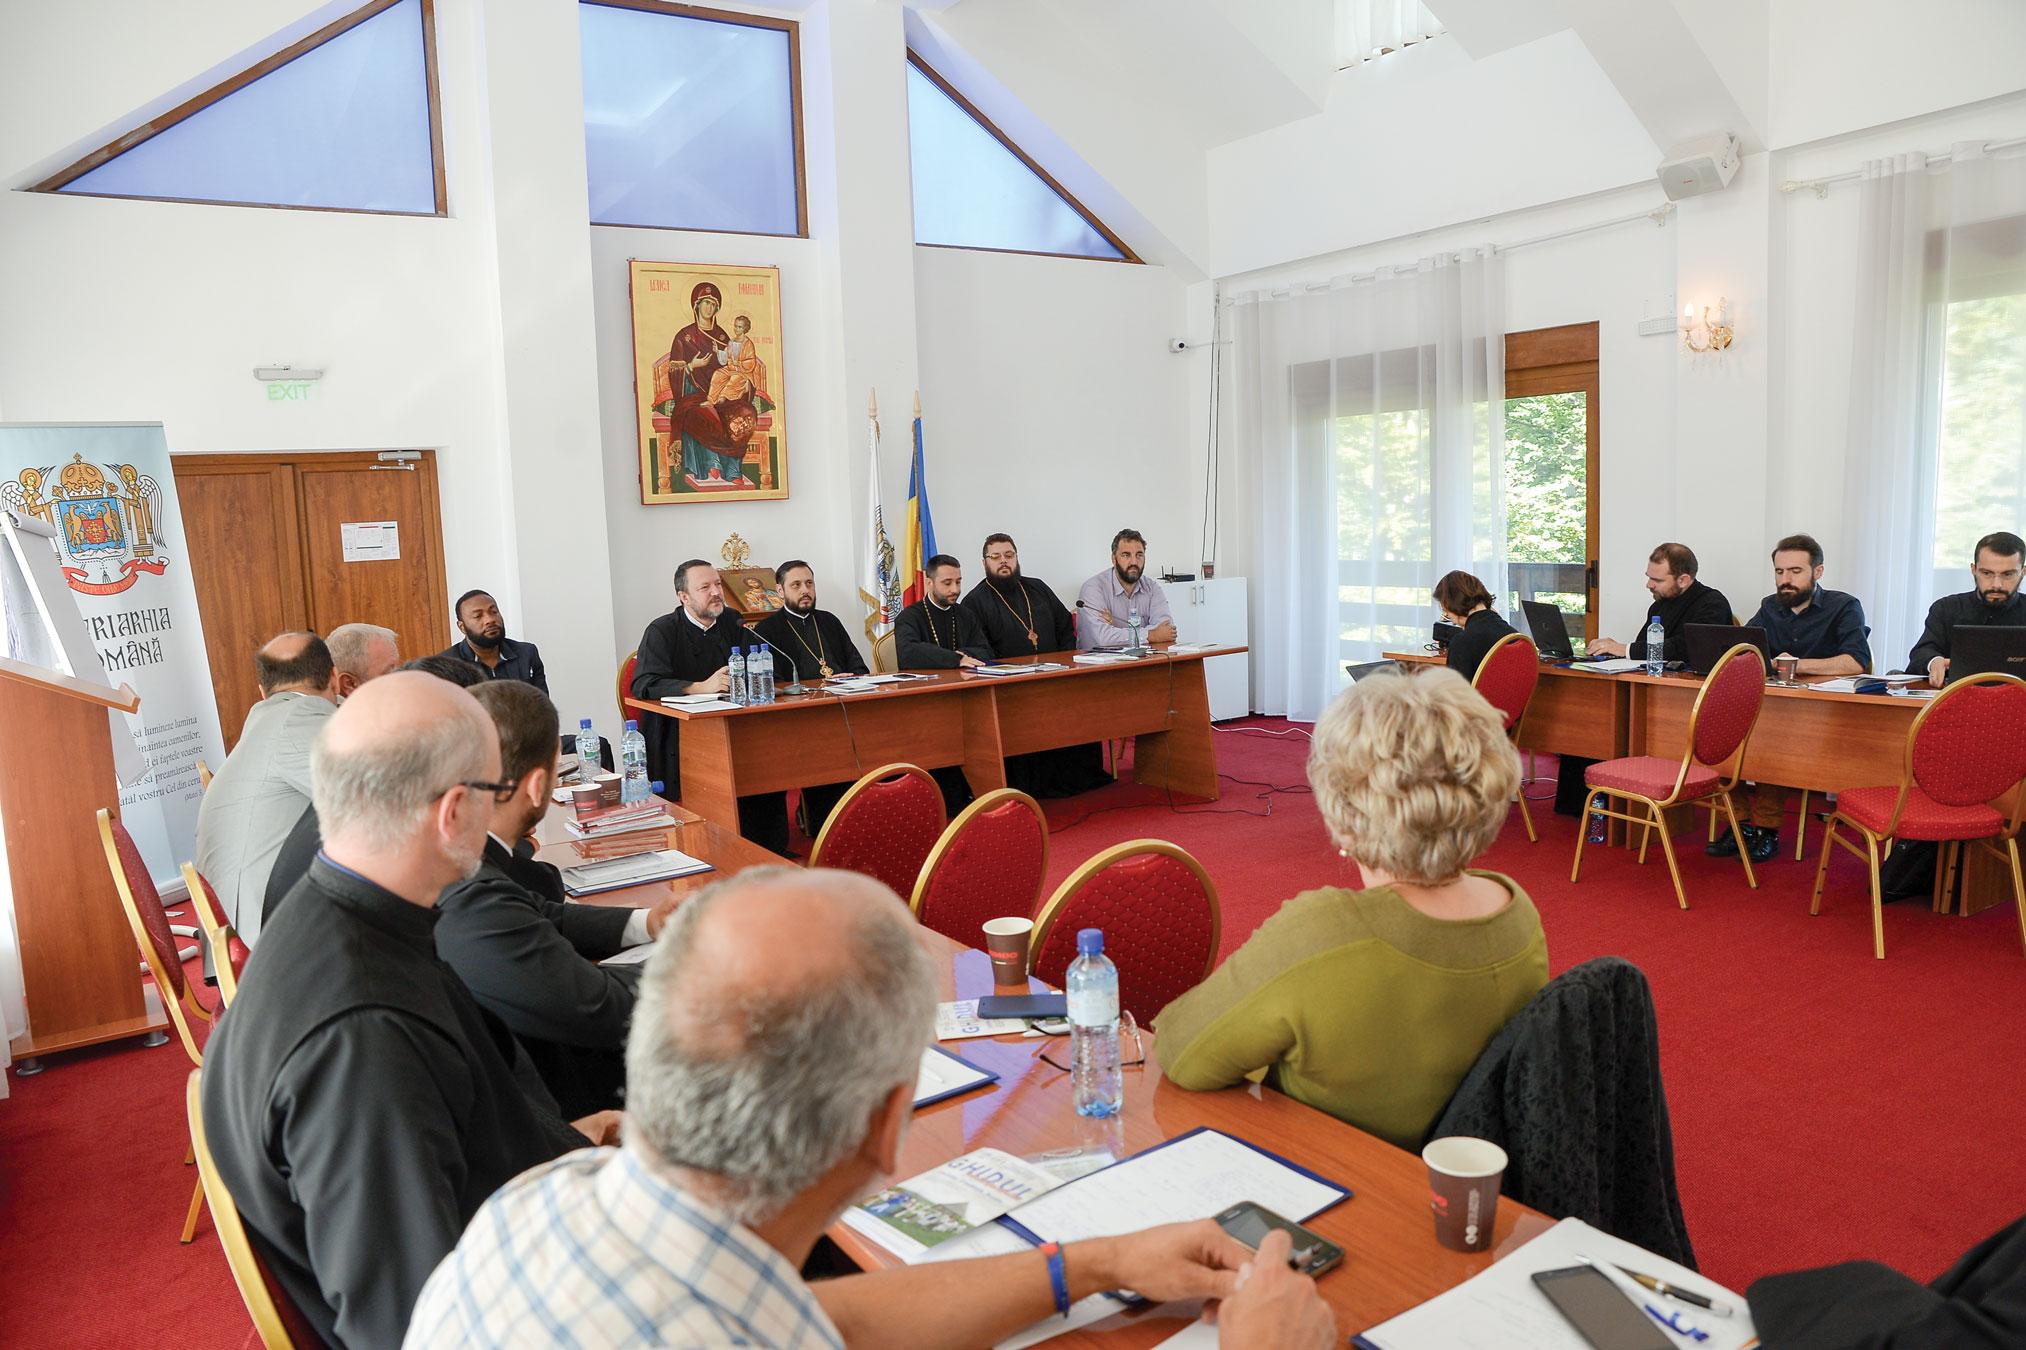 """Congresul """"Hristos împărtăşit  copiilor"""", la Mănăstirea Caraiman"""